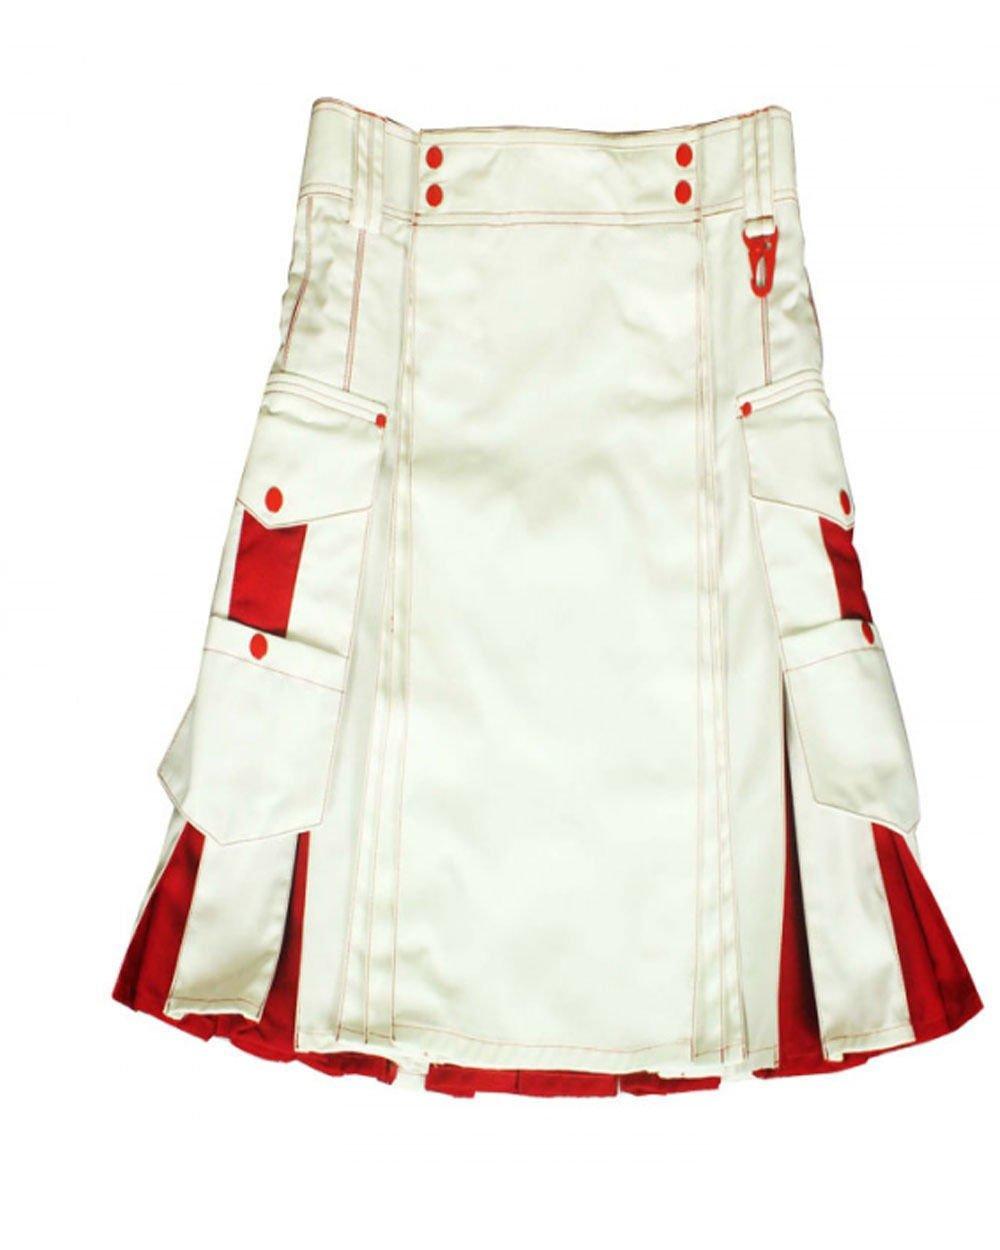 48 Size Handmade White & Red Cotton Kilt for Active Men, Hybrid Cotton Utility Deluxe Kilt